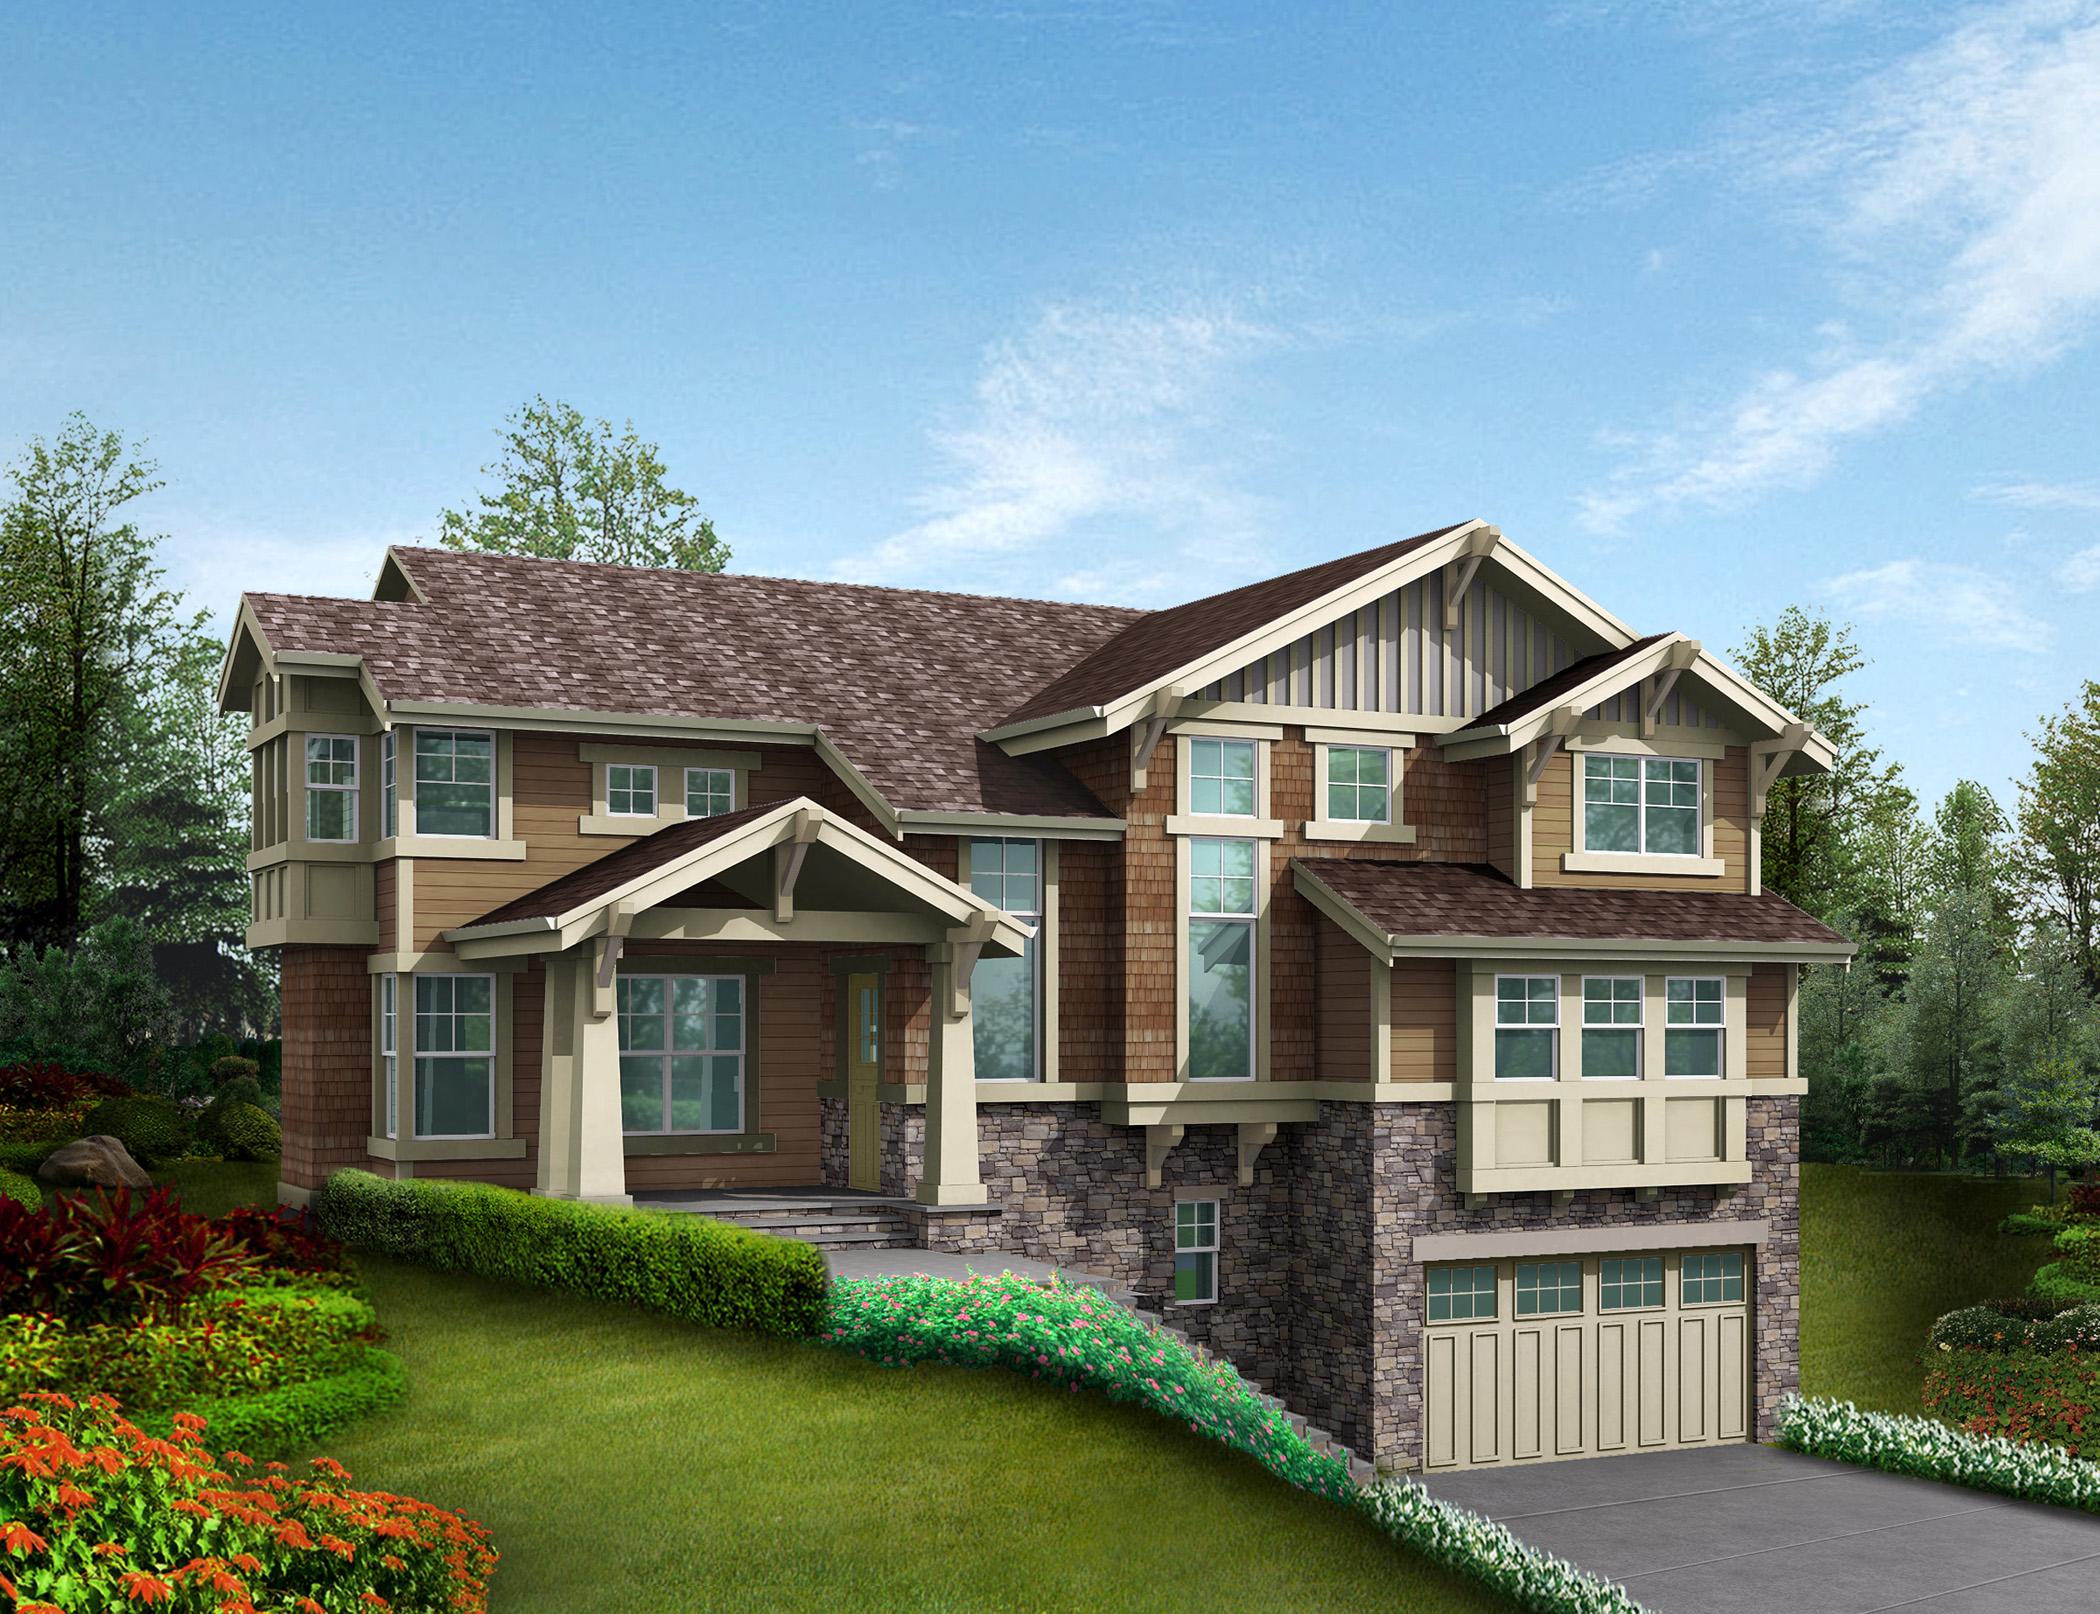 3 or 4 car tandem garage 23350jd architectural designs for 4 car tandem garage house plans